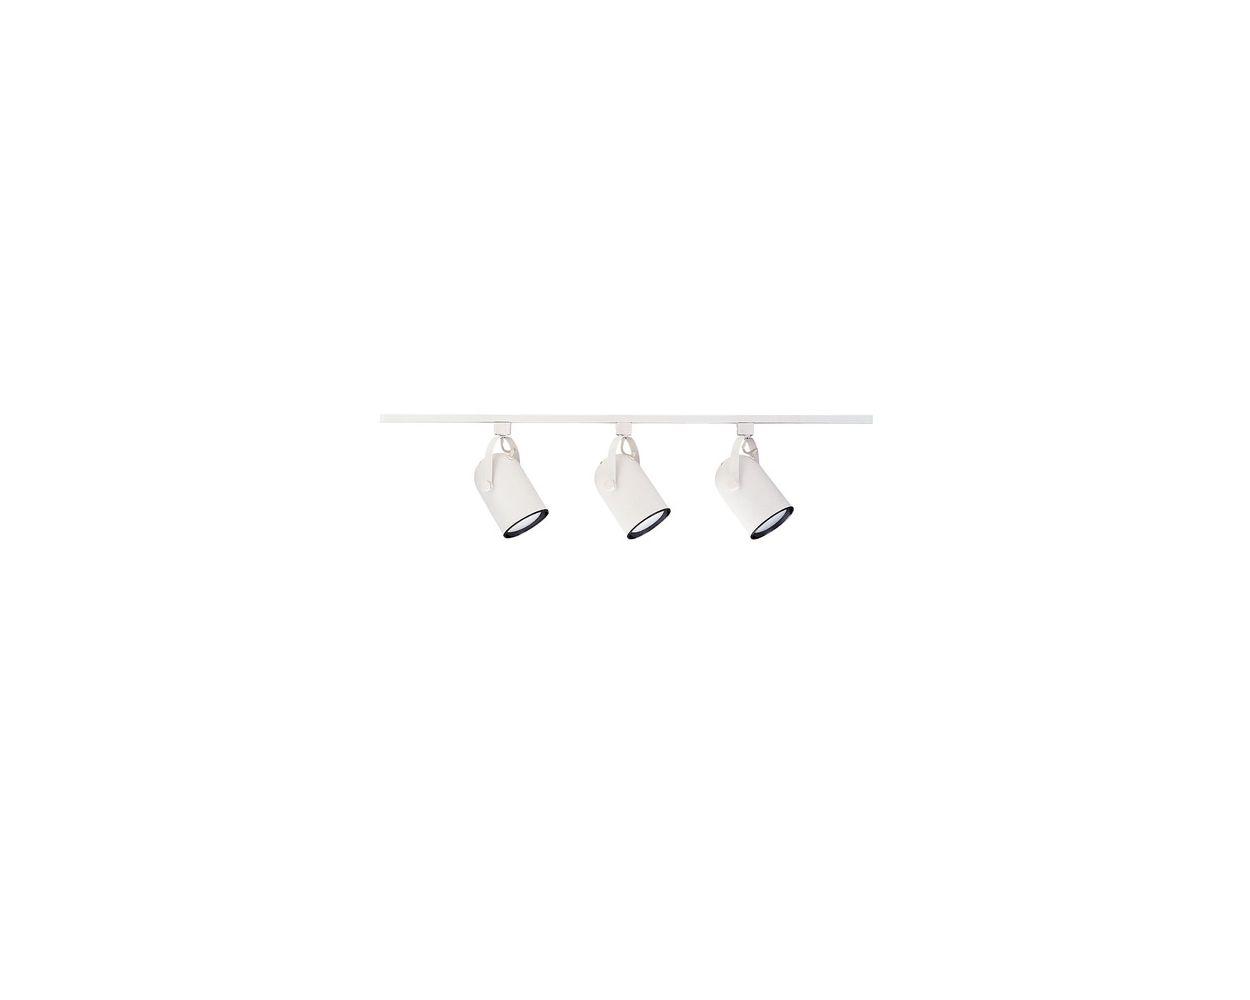 nicor 10989wh 4 ft white 3 light linear track lighting kit complete